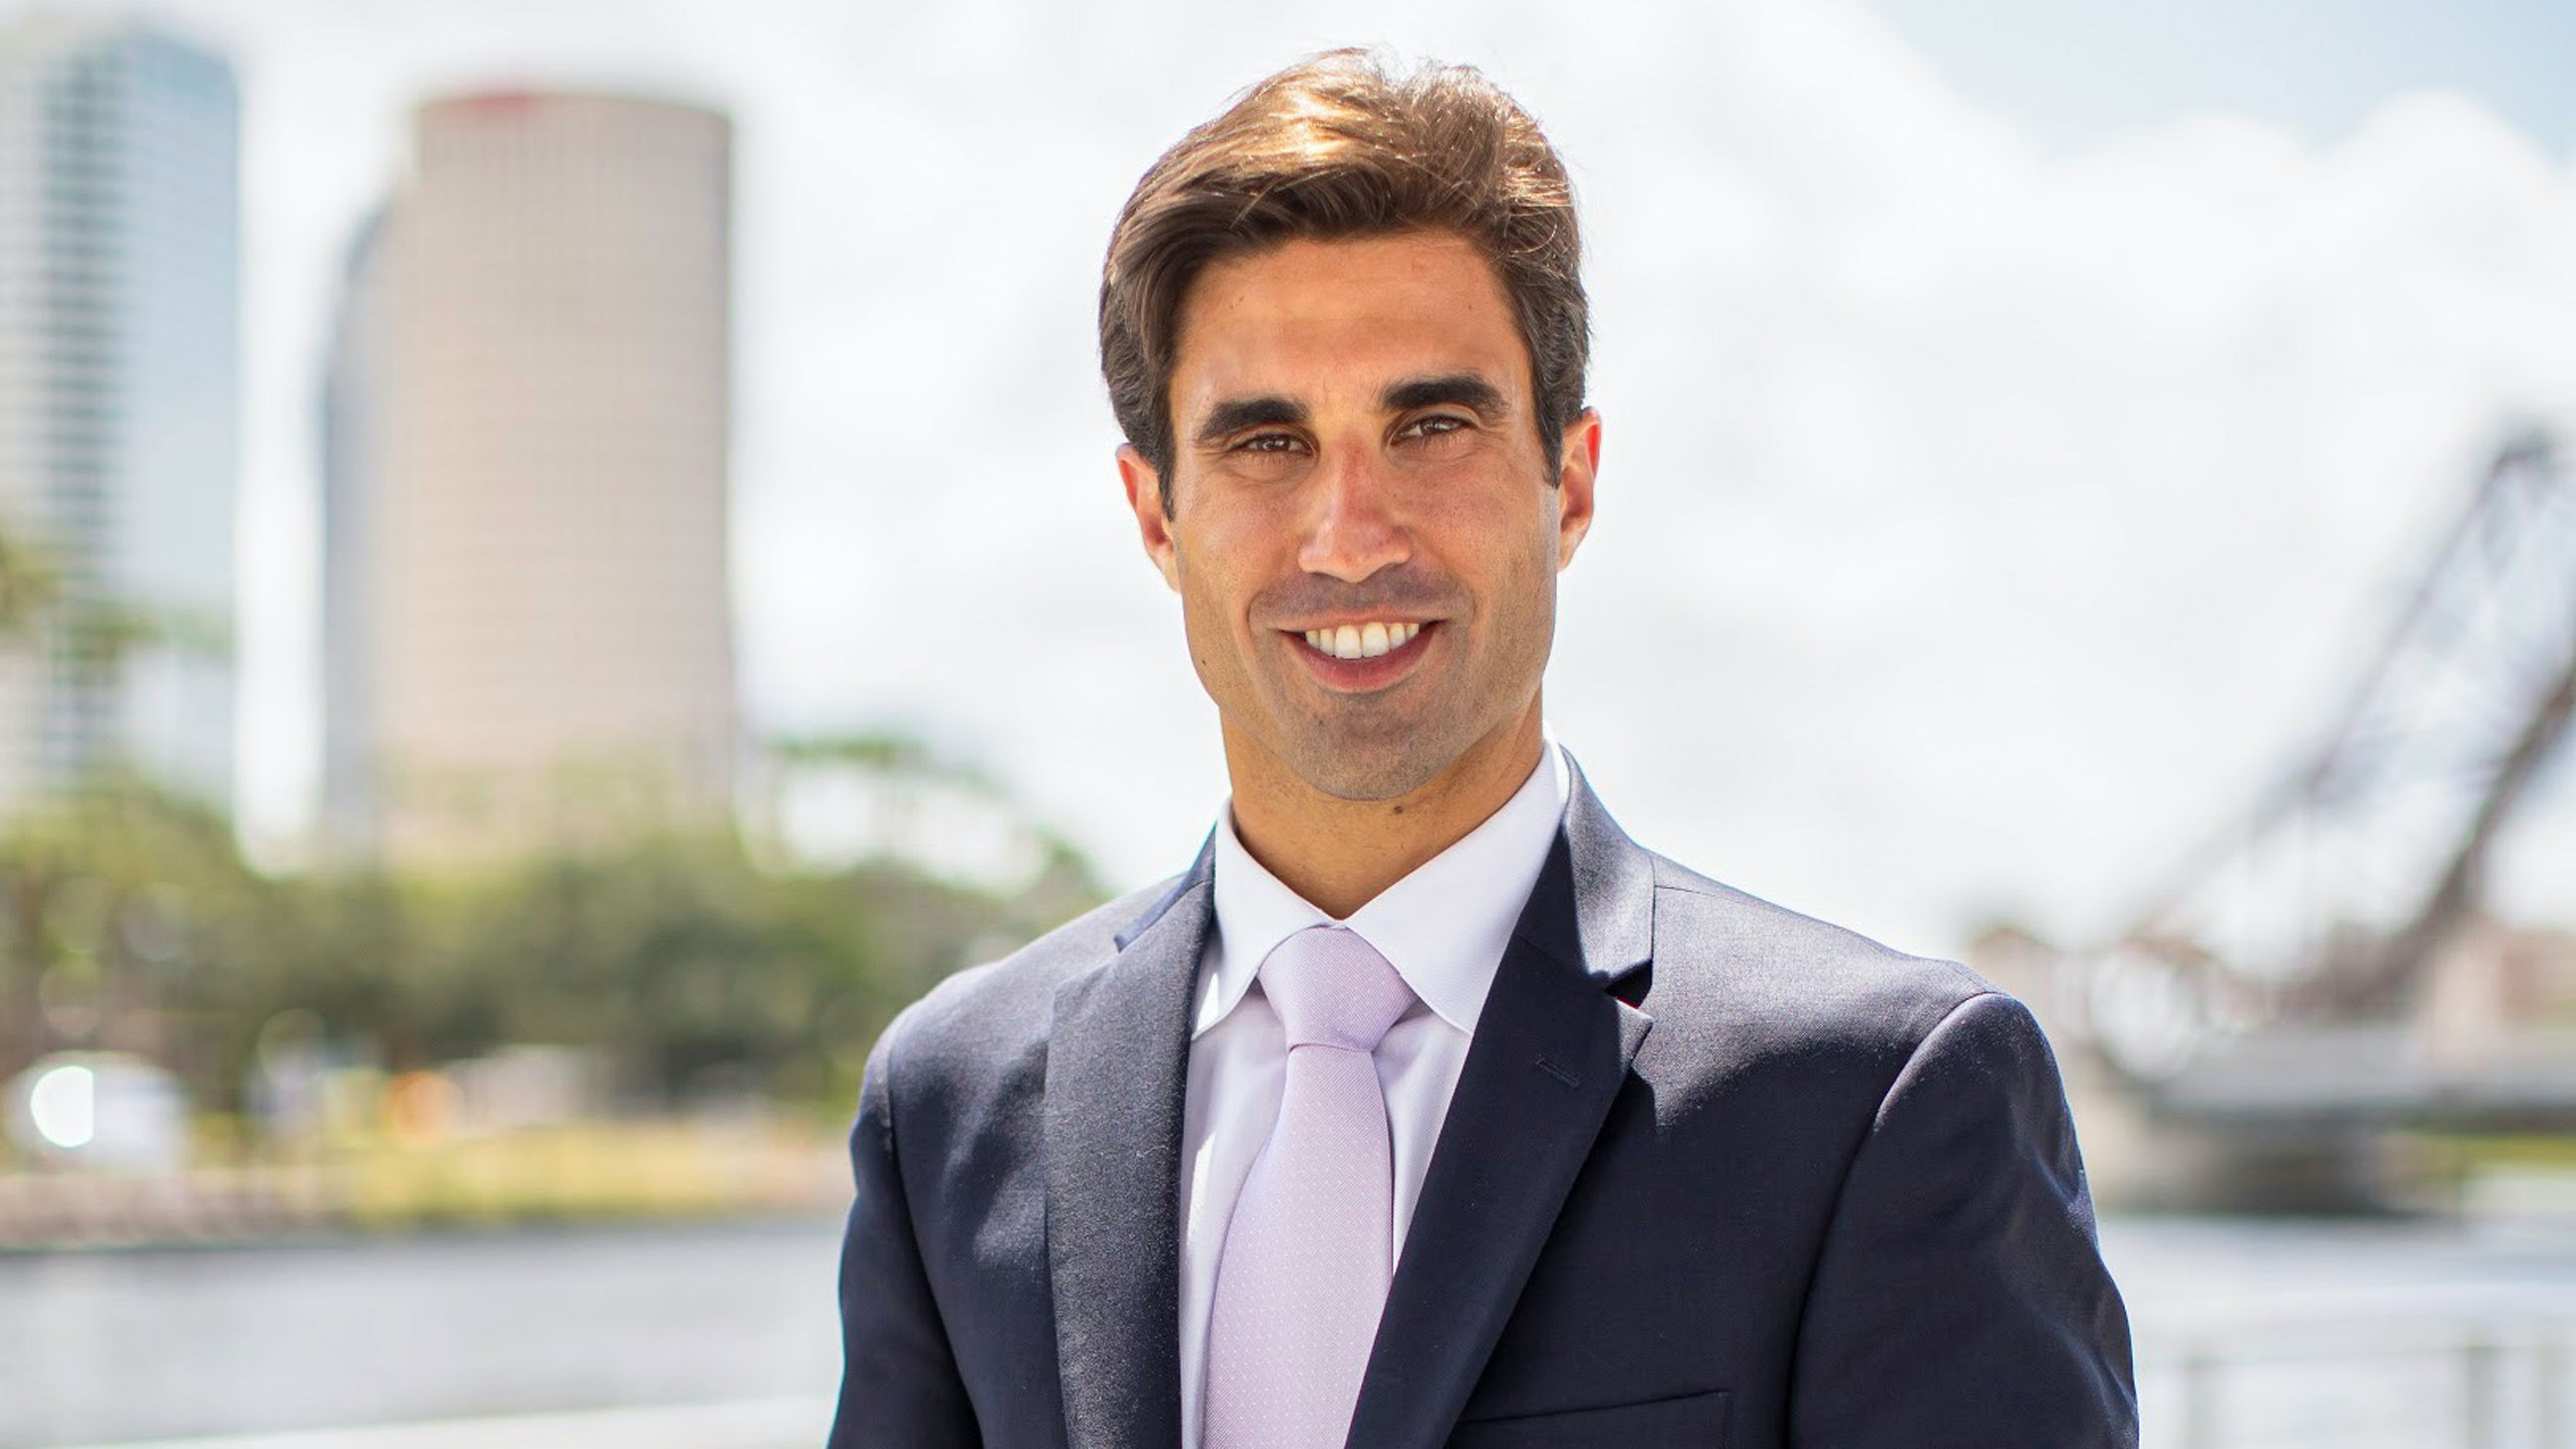 Dr. Demetri Arnaoutakis